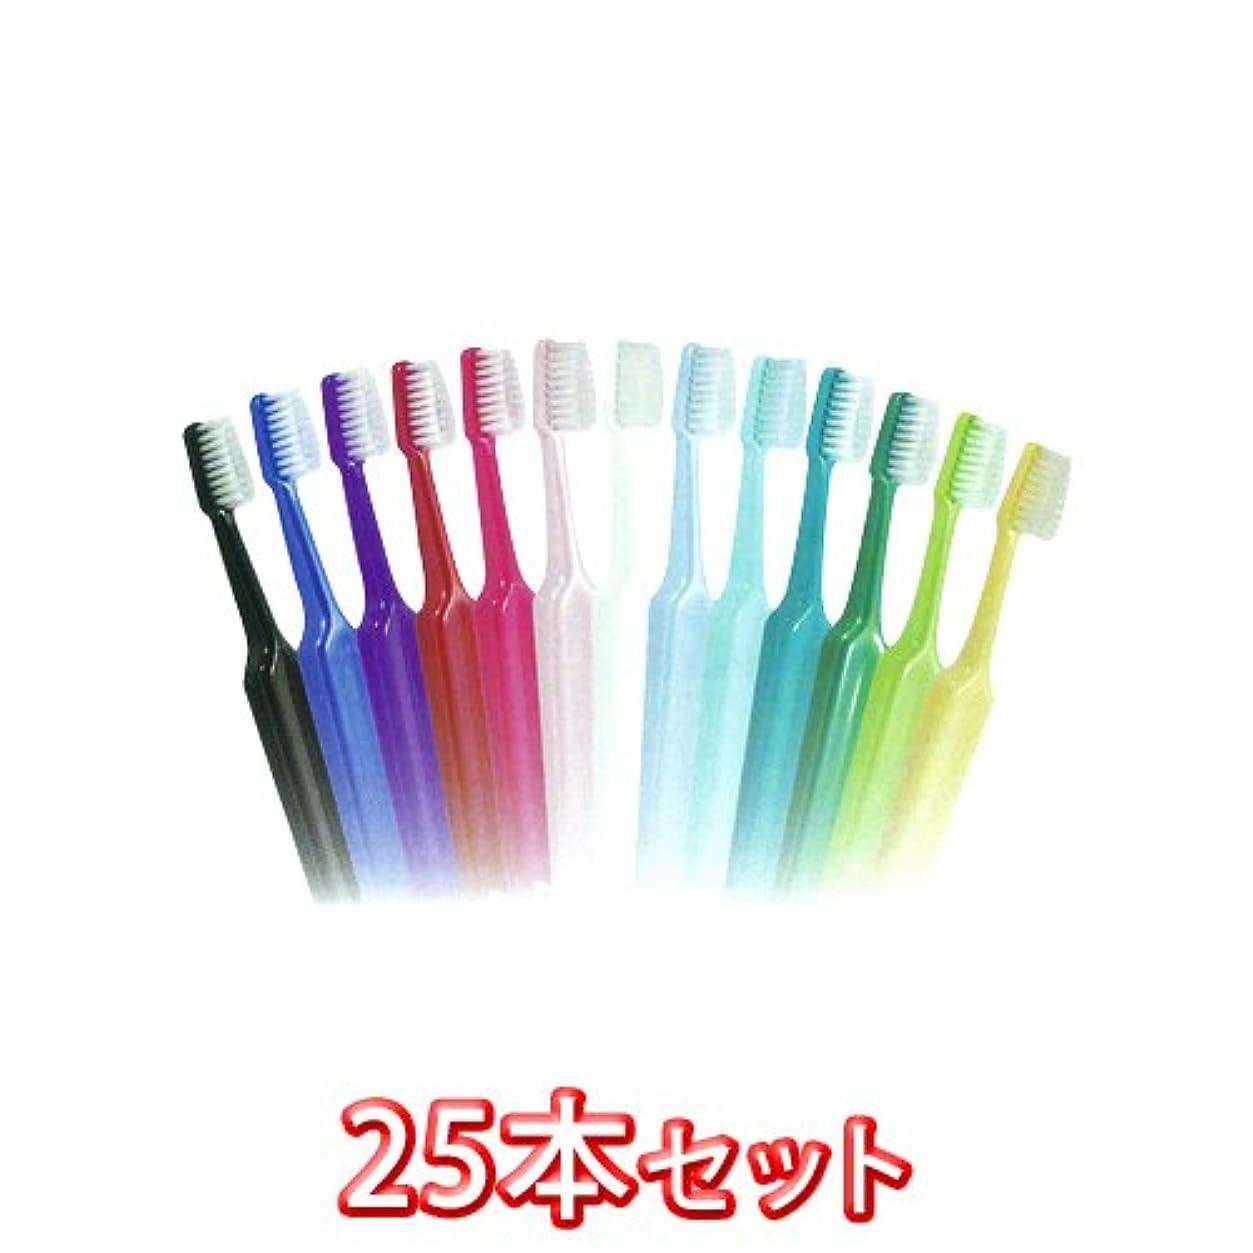 TePeテペセレクトコンパクト歯ブラシ 25本(コンパクトソフト)